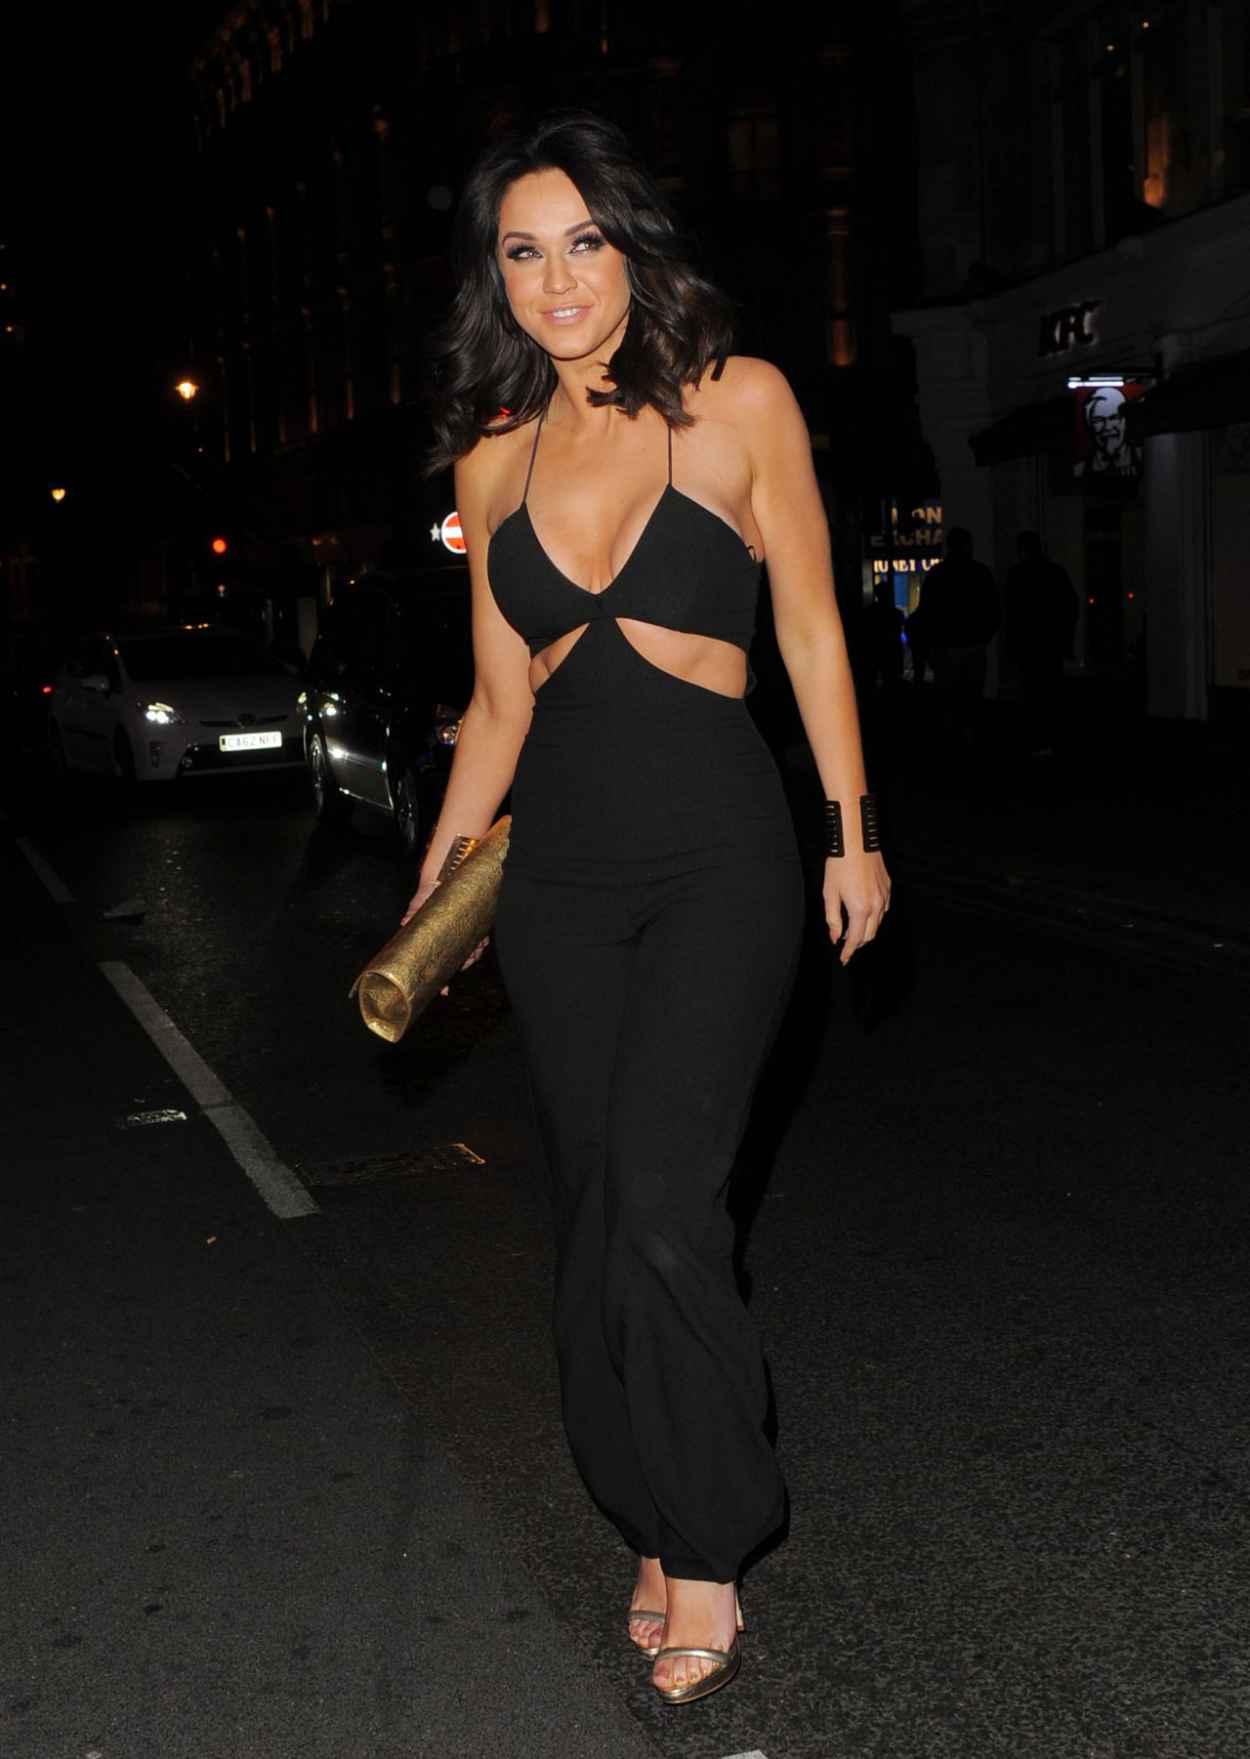 Vicky Pattison Night Out Style - London, April 2015-3